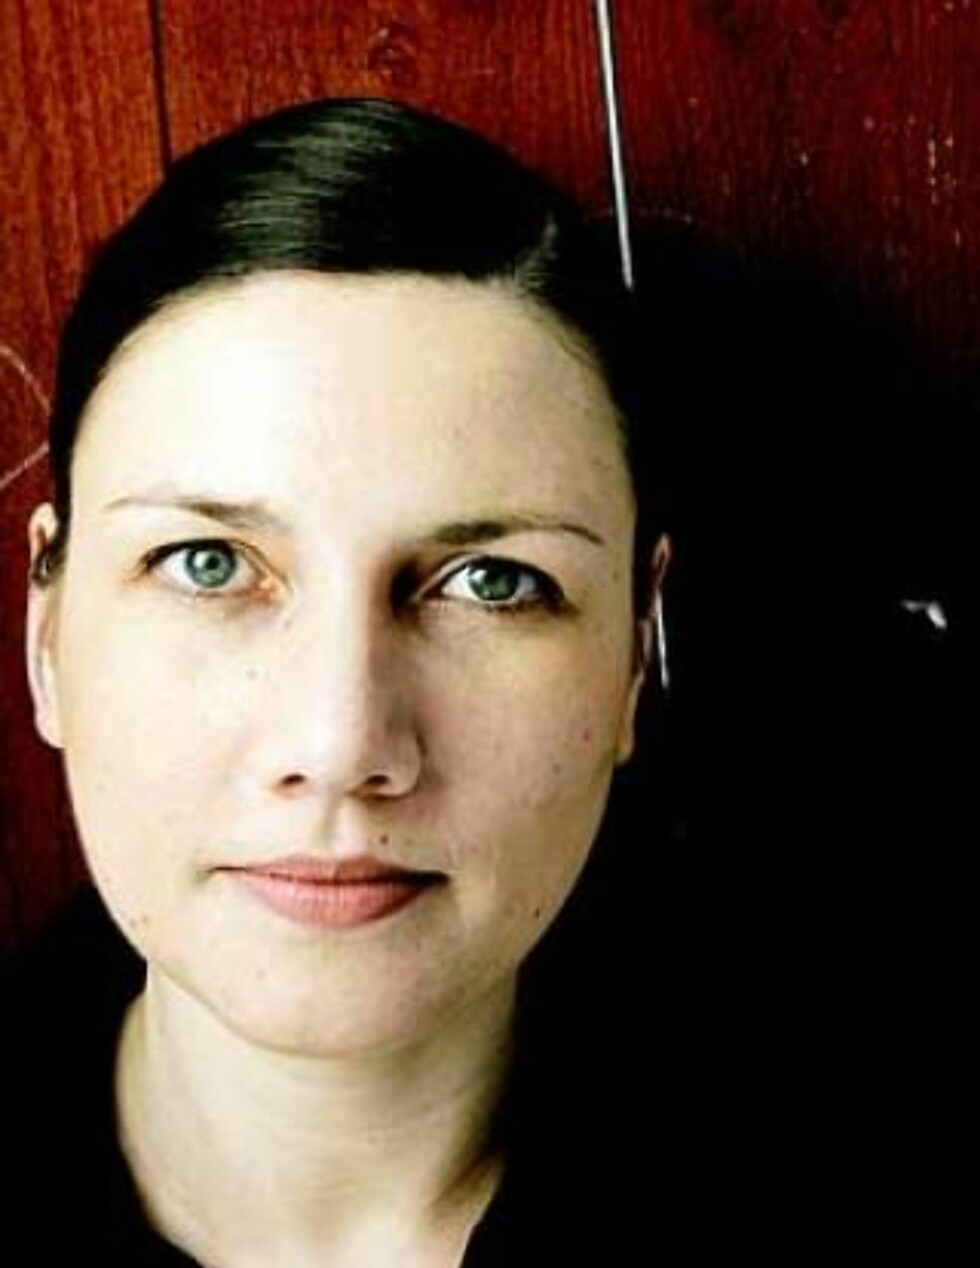 <strong>RØRT:</strong> Det er alltid like rørende å snakke med folk som snakker om ytringsfrihet på nett, men som aldri har vært i debatt på nett, og som ikke vet hva en blogger er, sa Heidi Nordby Lunde, også kjent som bloggeren Vampus. Foto: Jørn H. Moen